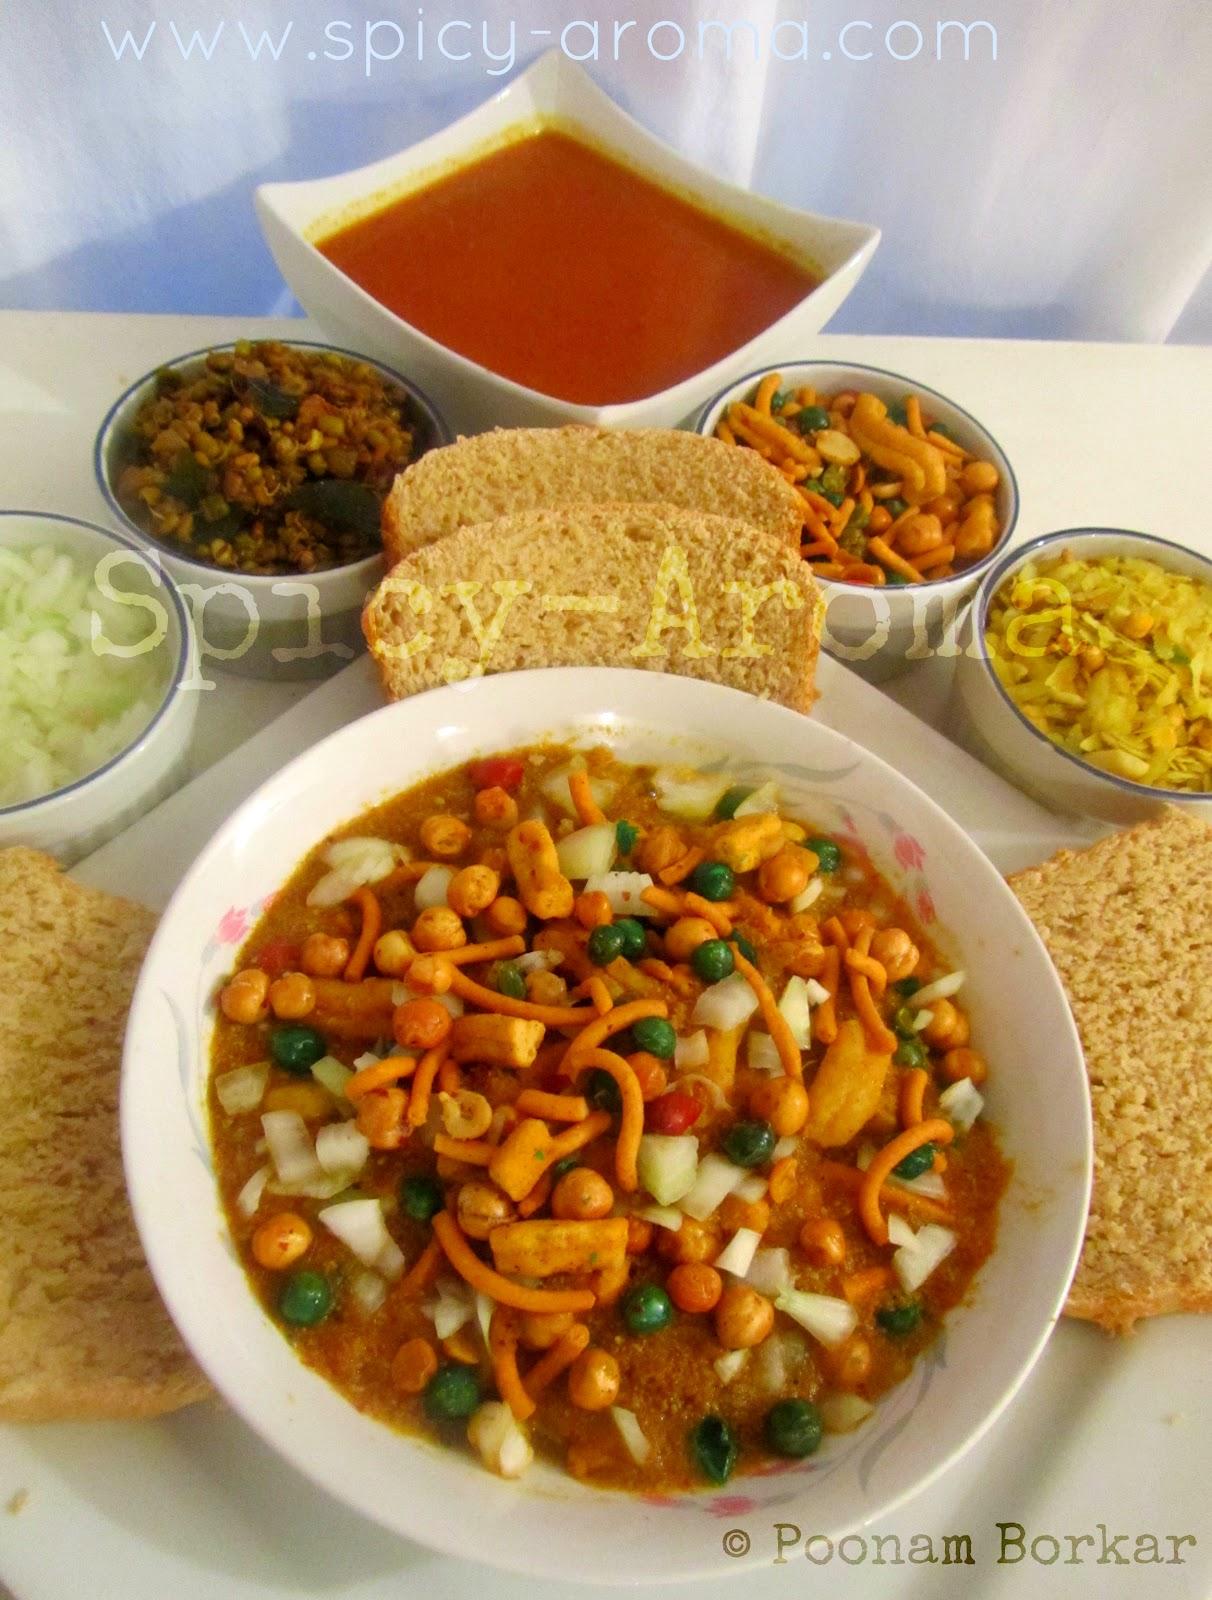 Misal Pav Recipe | Spicy-Aroma